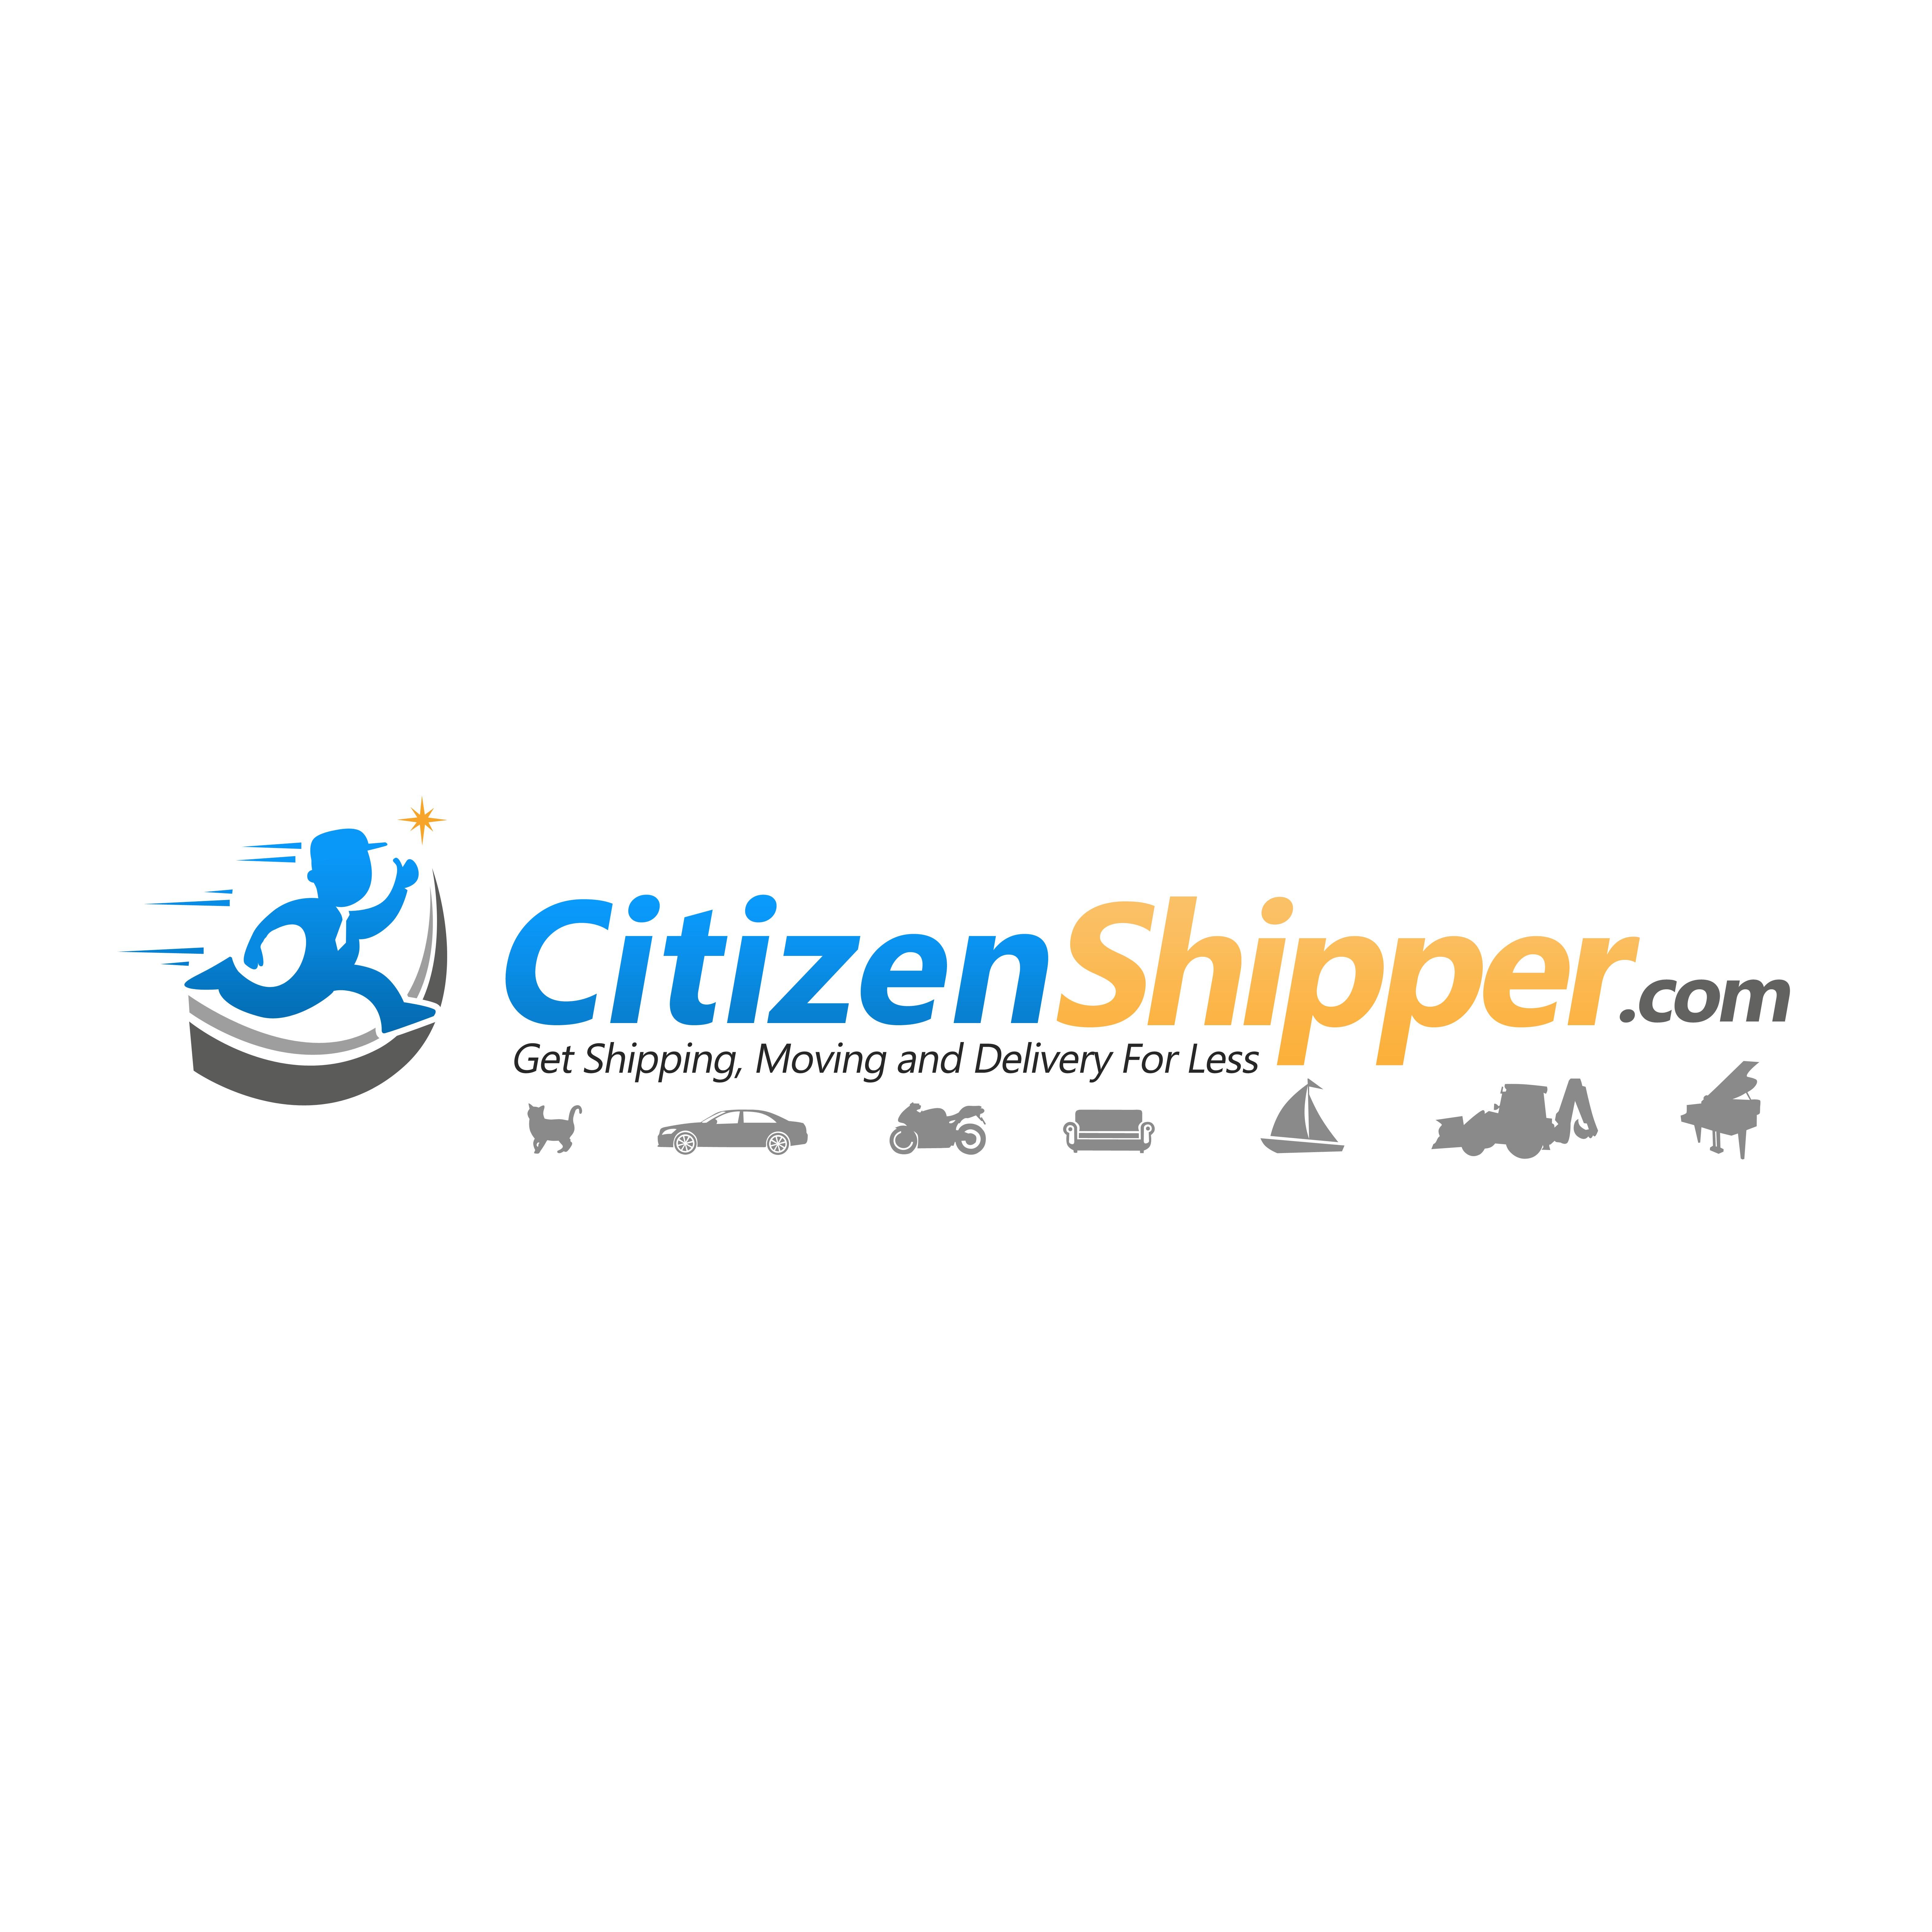 CitizenShipper Launches CitizenShipper Canada Expanding